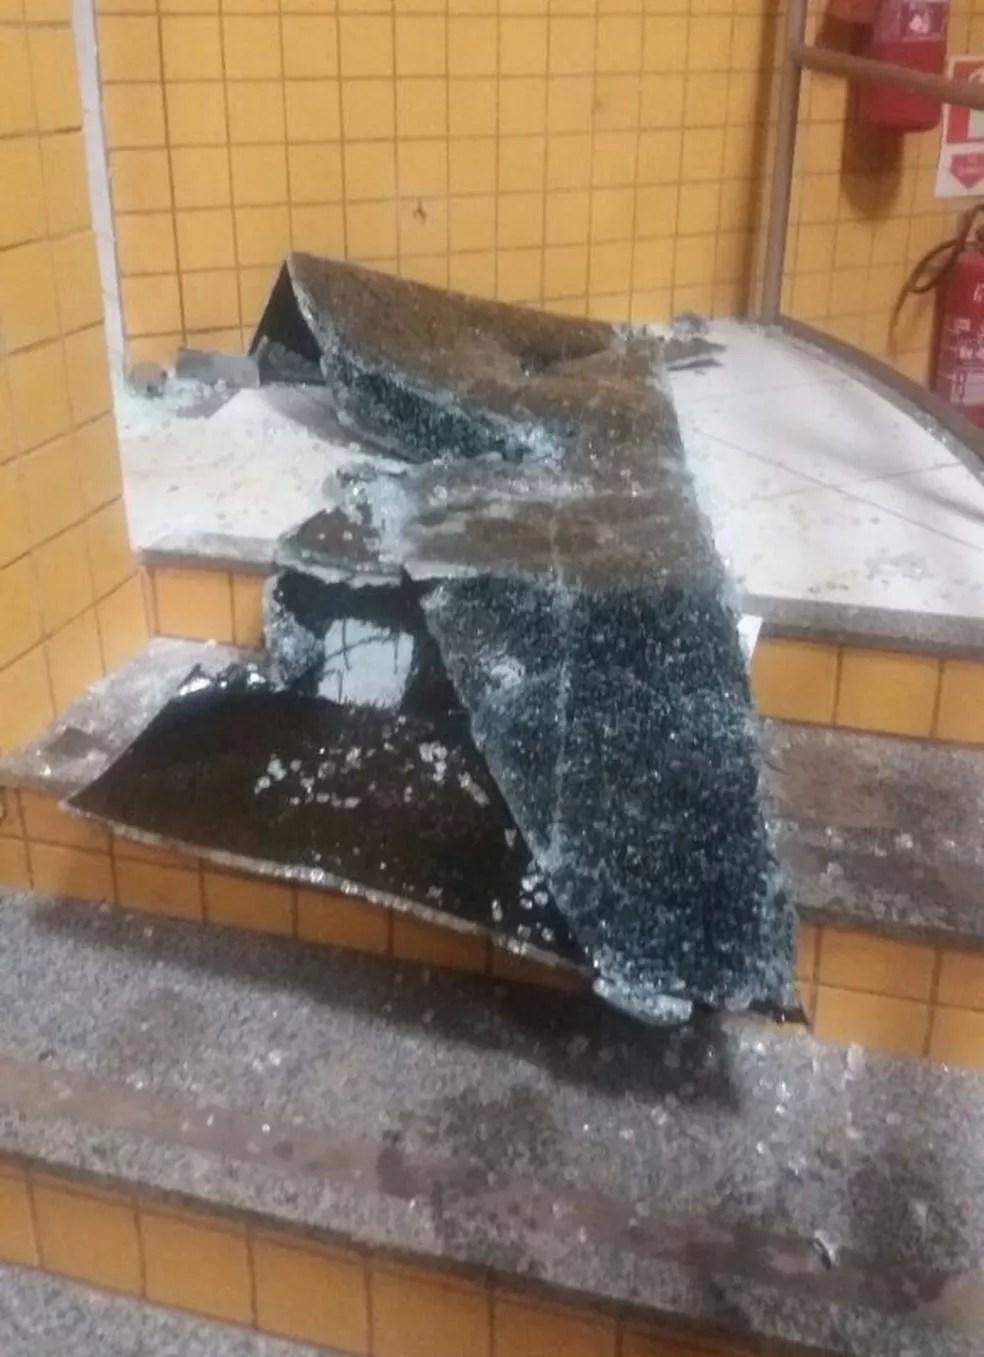 Vidros da unidade operacional da Polícia Rodoviária Federal (PRF) ficaram destruídos durante a troca de tiros. (Foto: Divulgação/Polícia Rodoviária Federal)